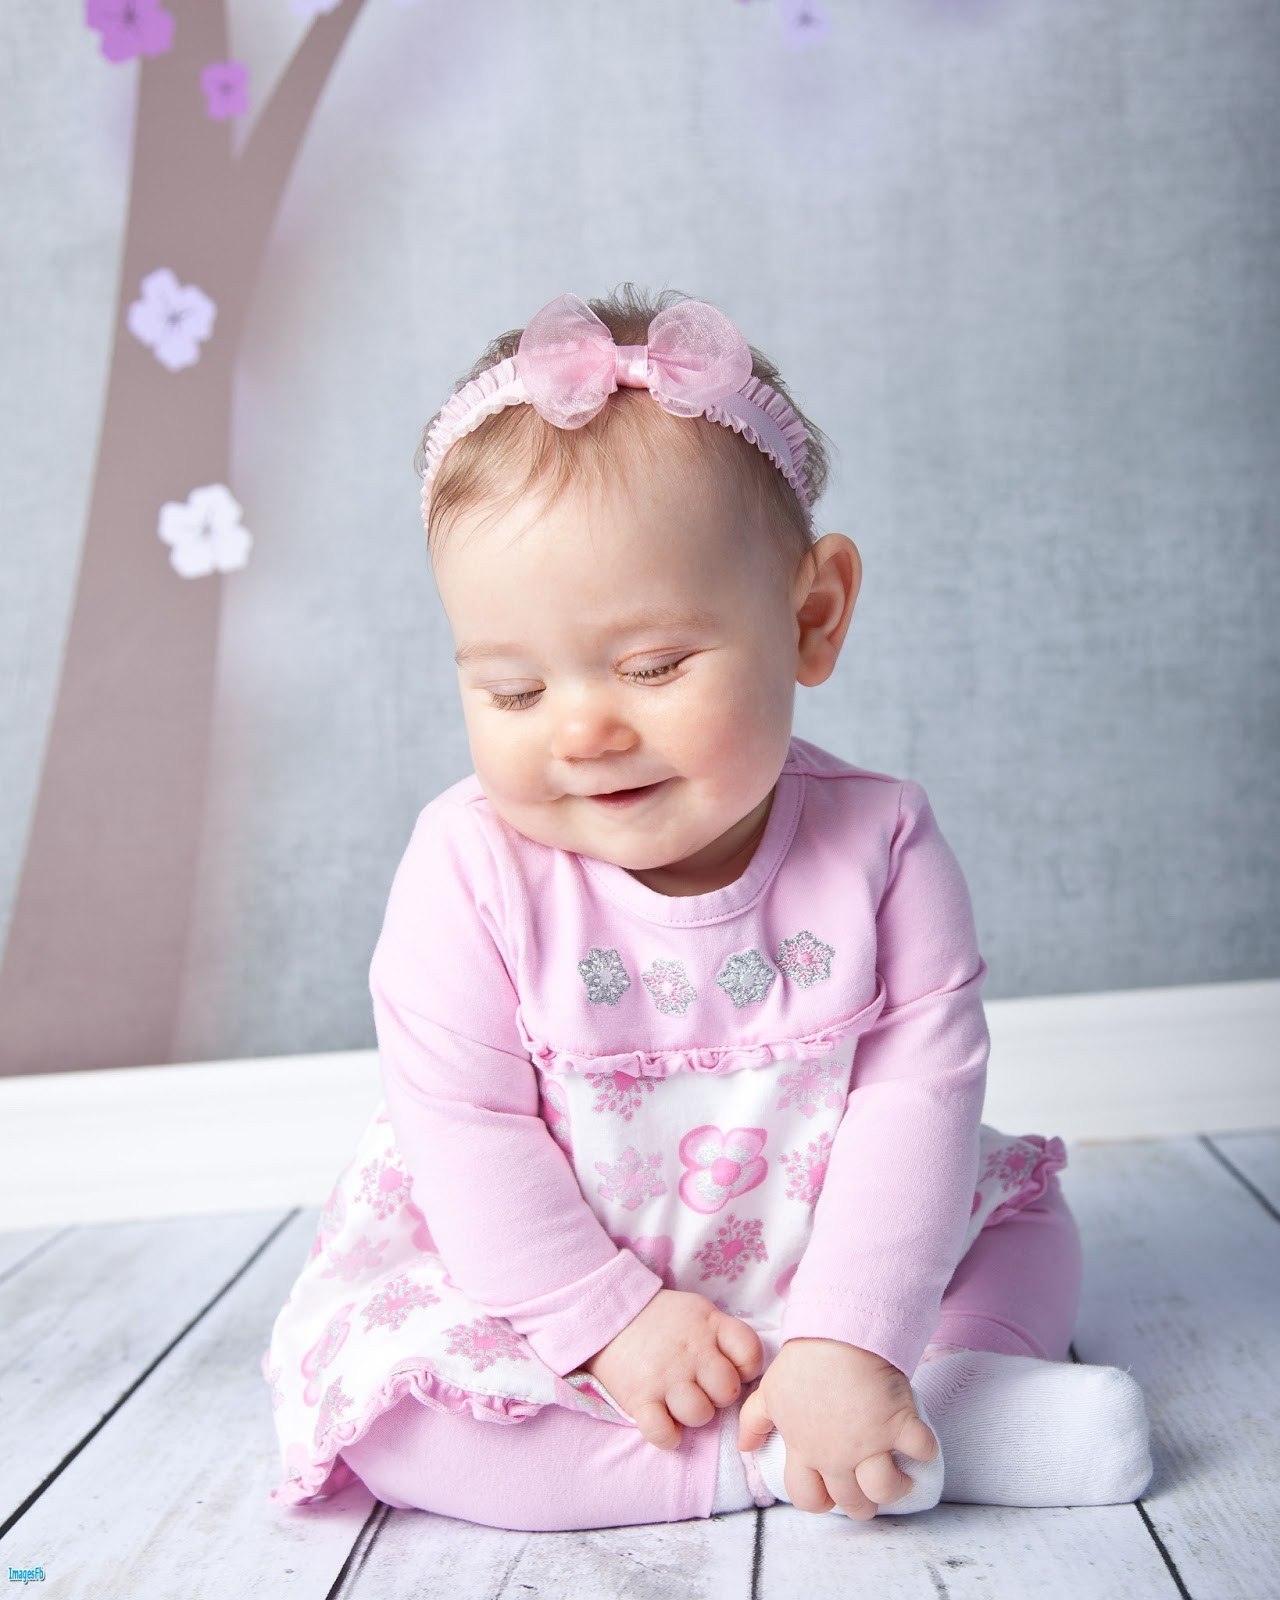 بالصور صو ر بنات جميله اطفال , صور اجمل بنات في العالم كله 11607 6